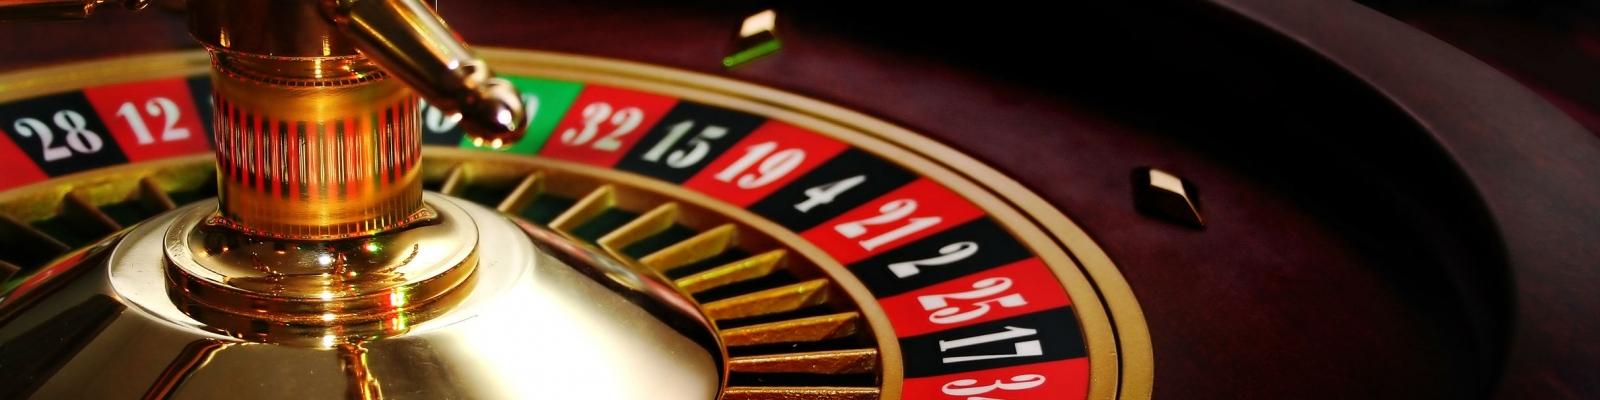 Online casinospelletjes